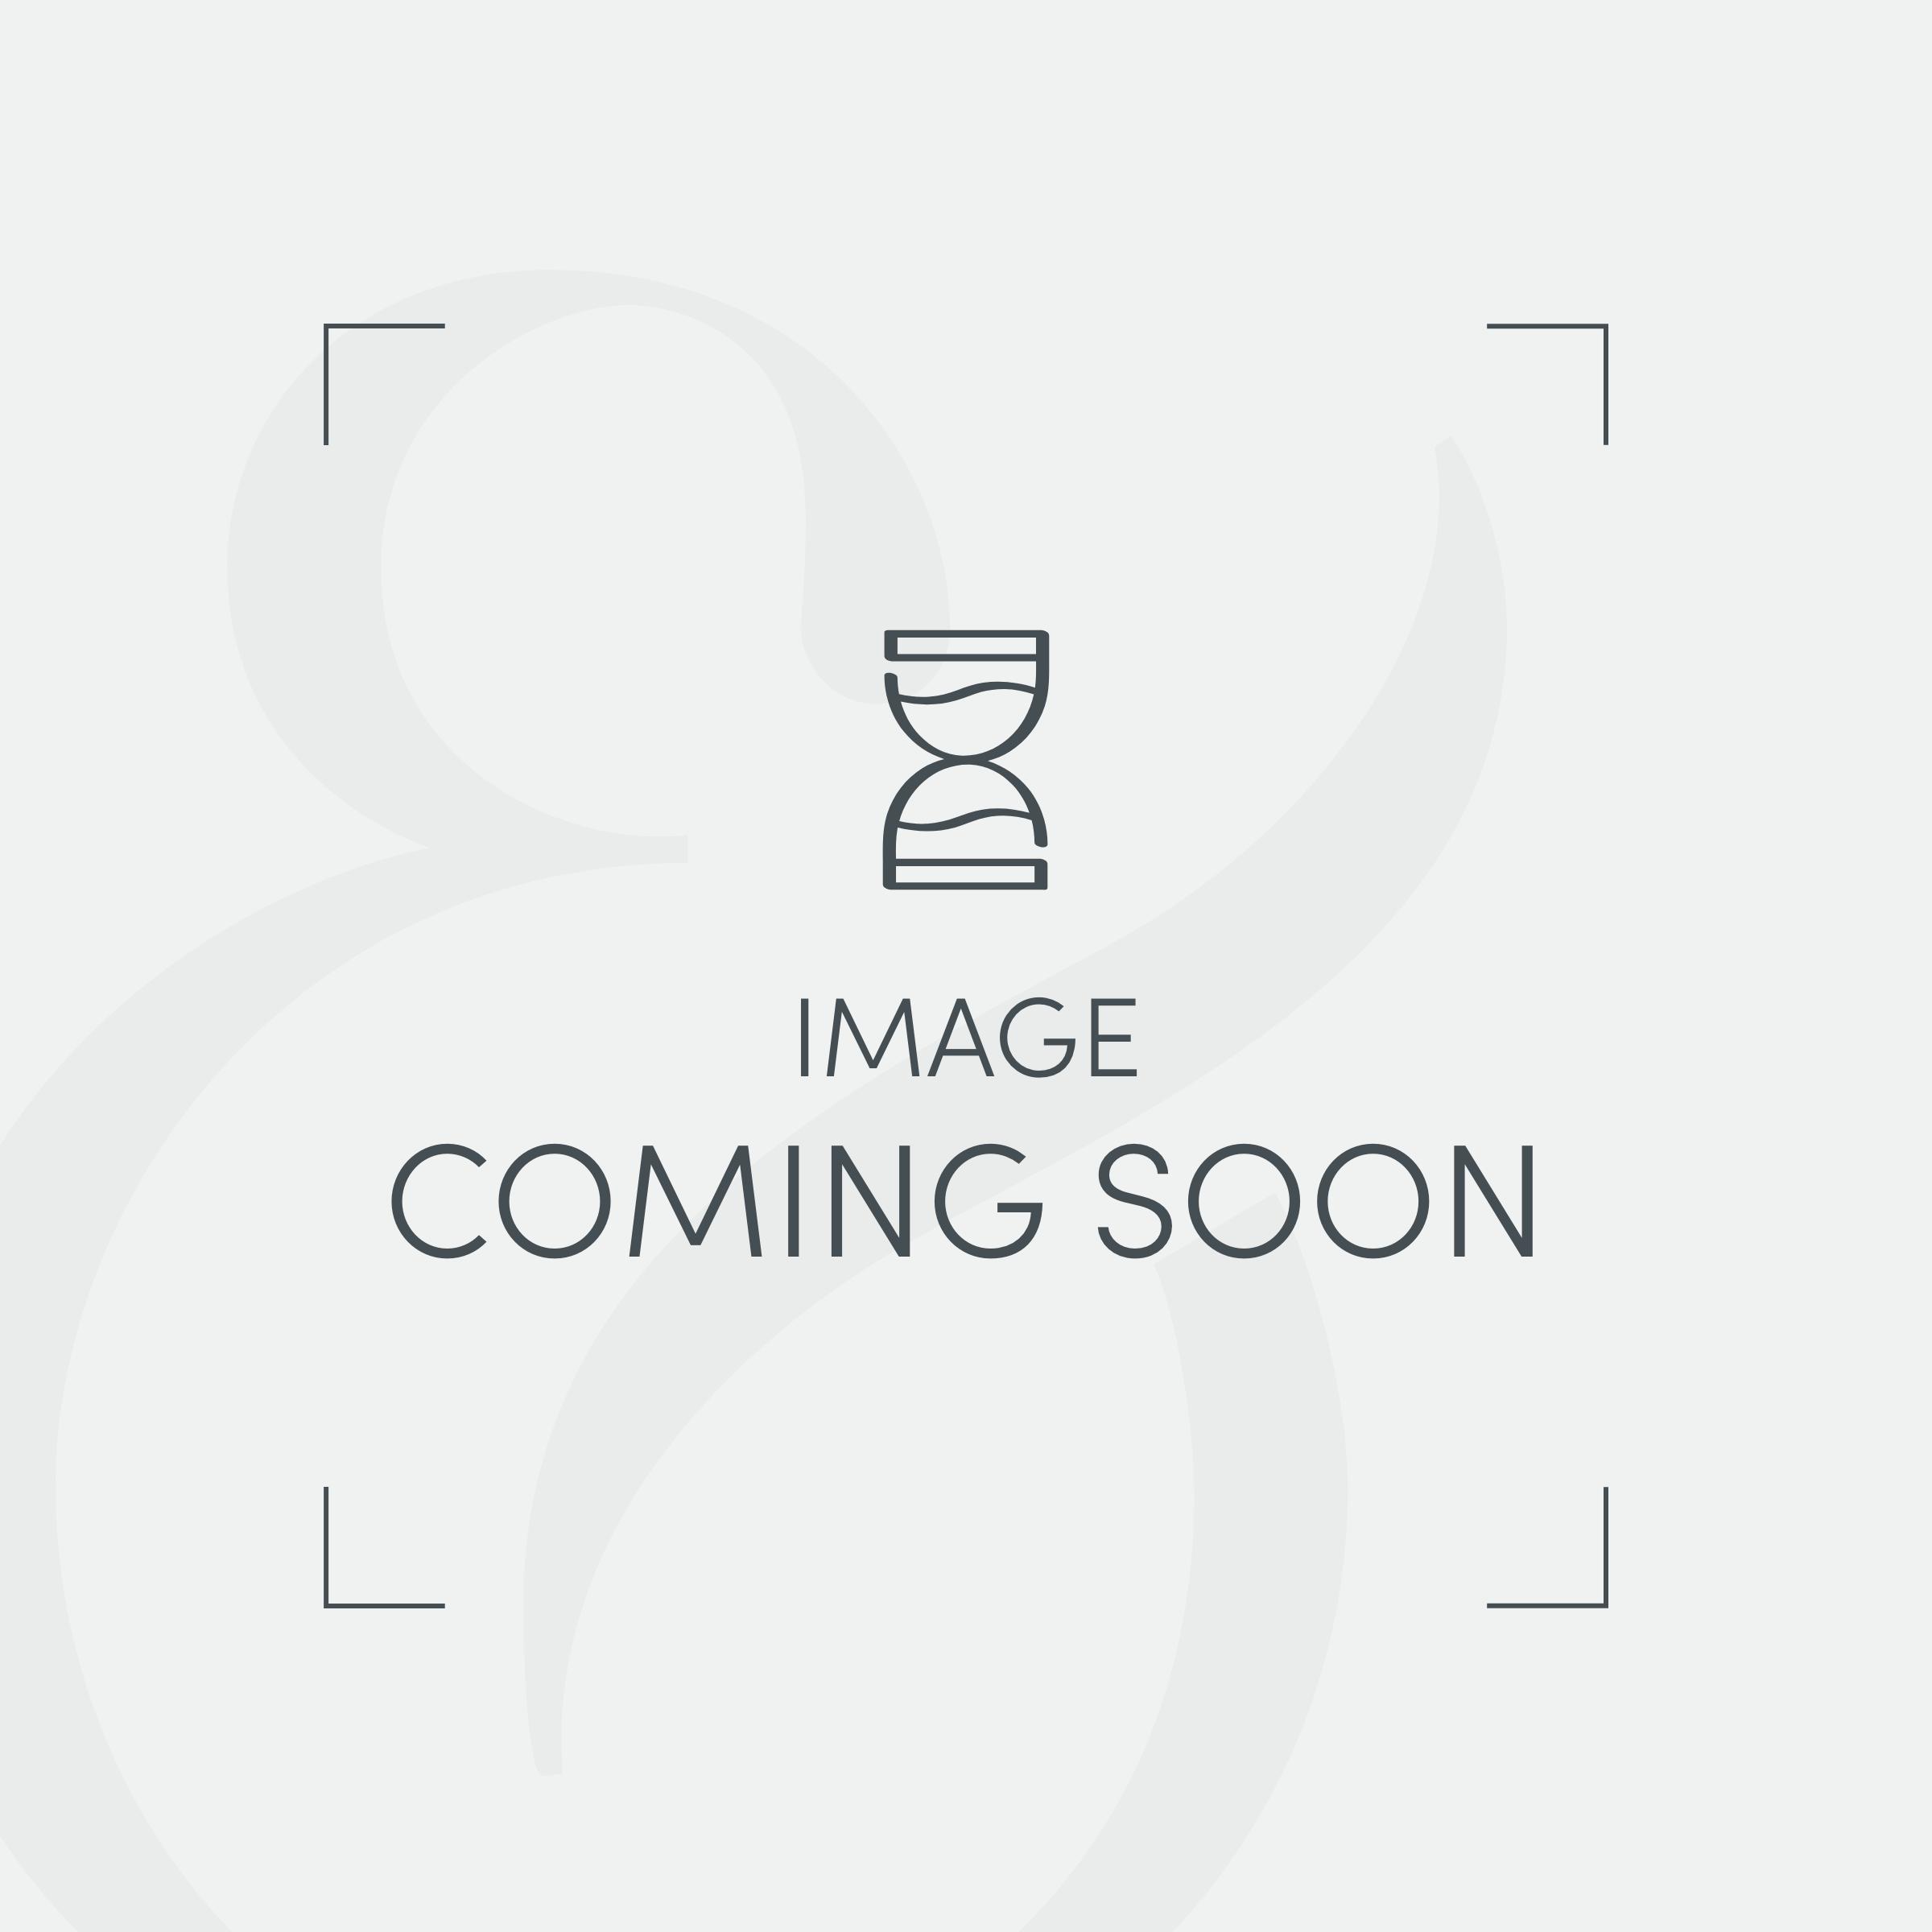 Comfort Sleepzone Pillowtop Mattress - Medium/Firm - King